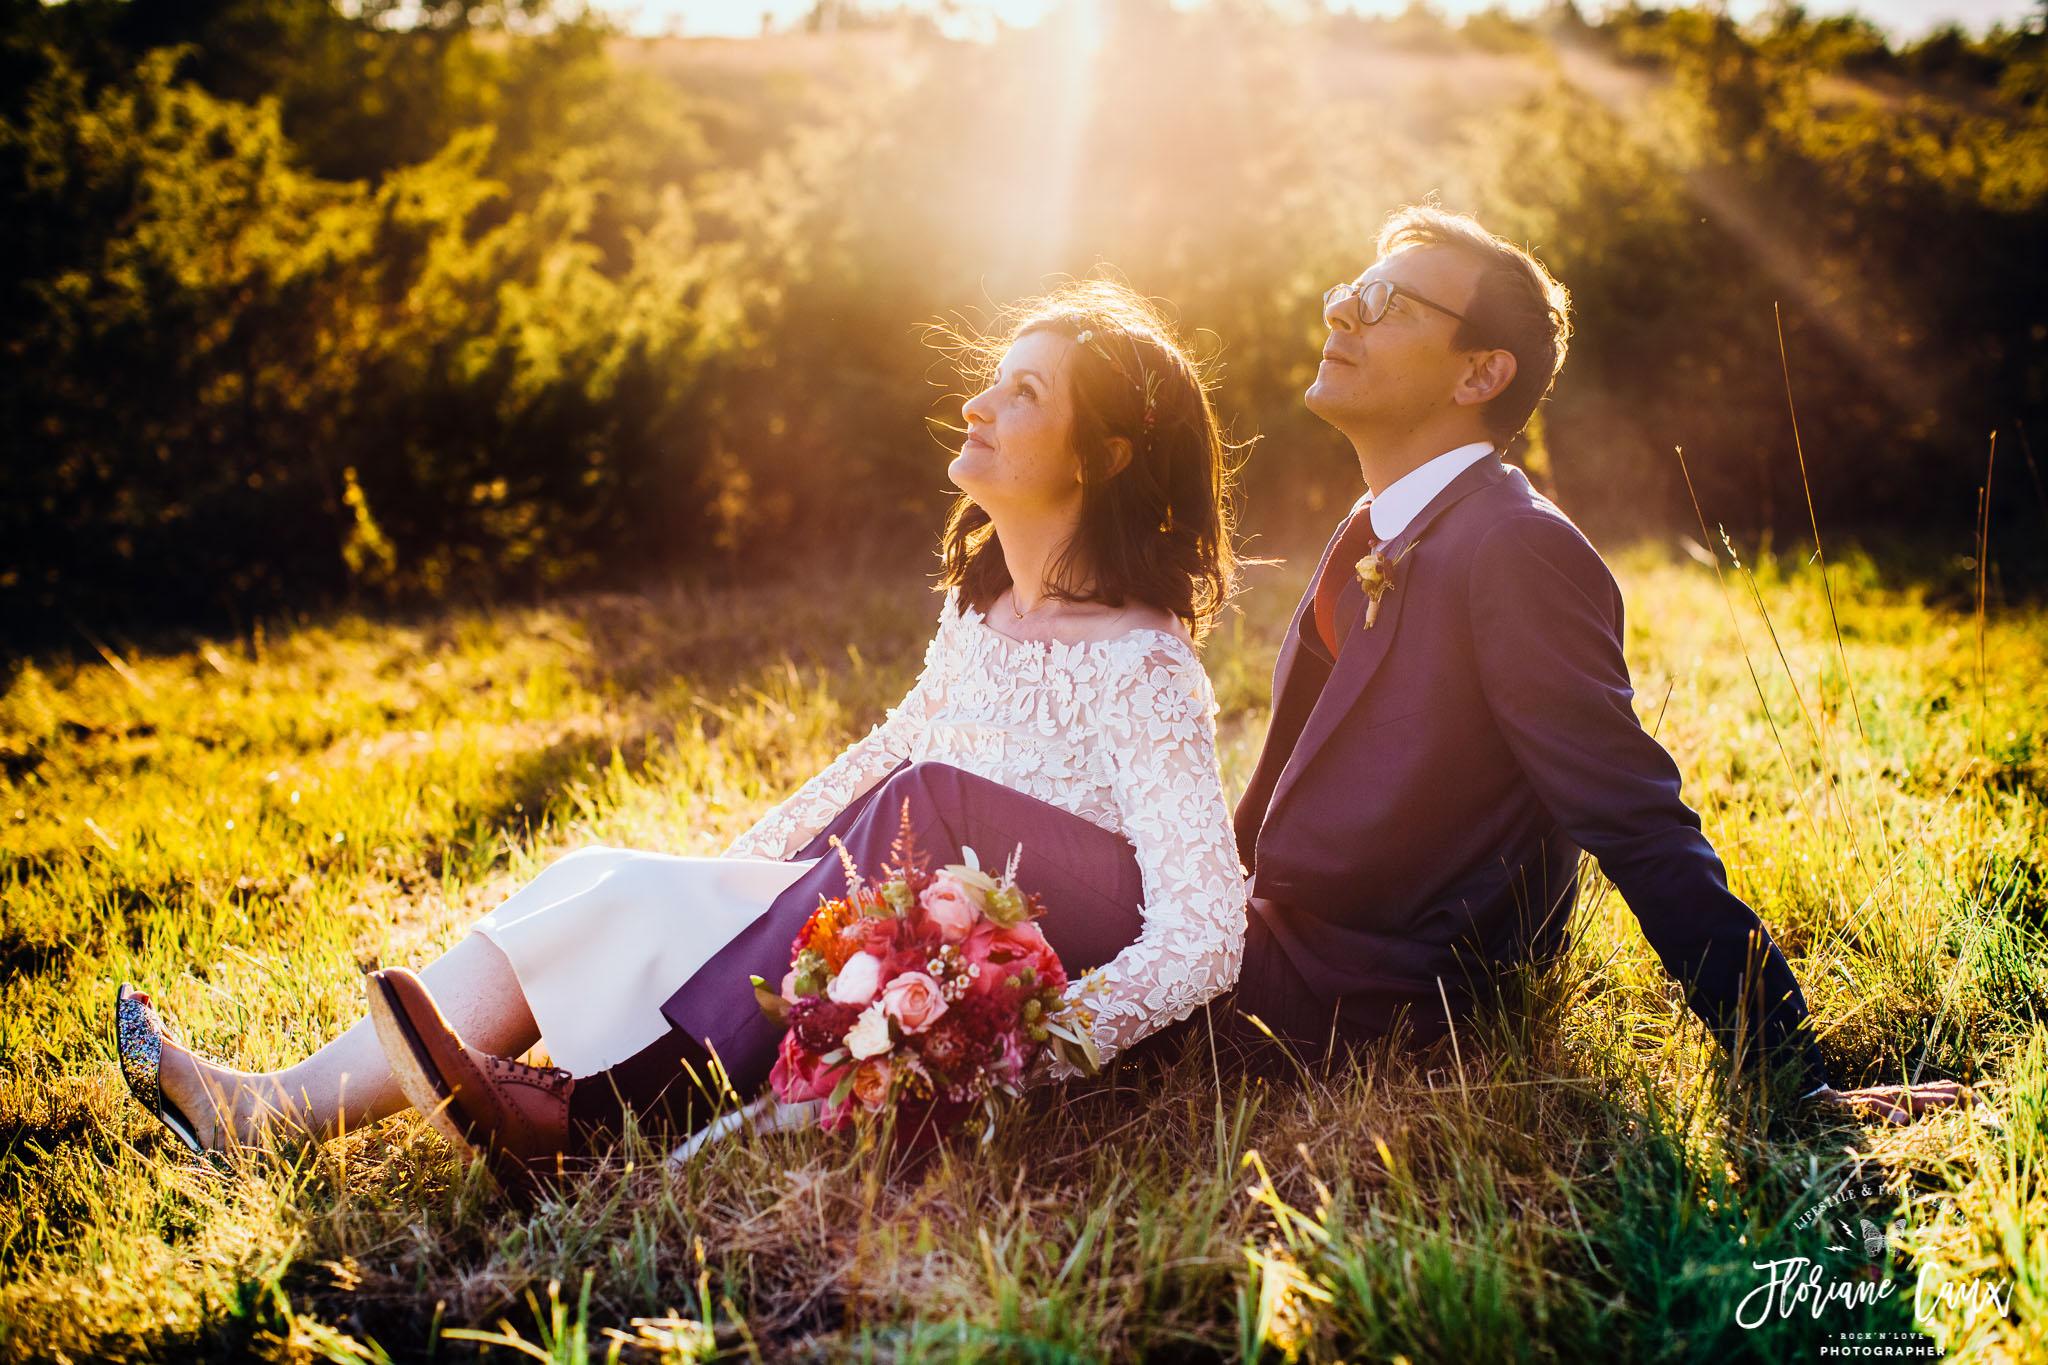 photographe-mariage-funky-licorne-fumigenes-badass-4